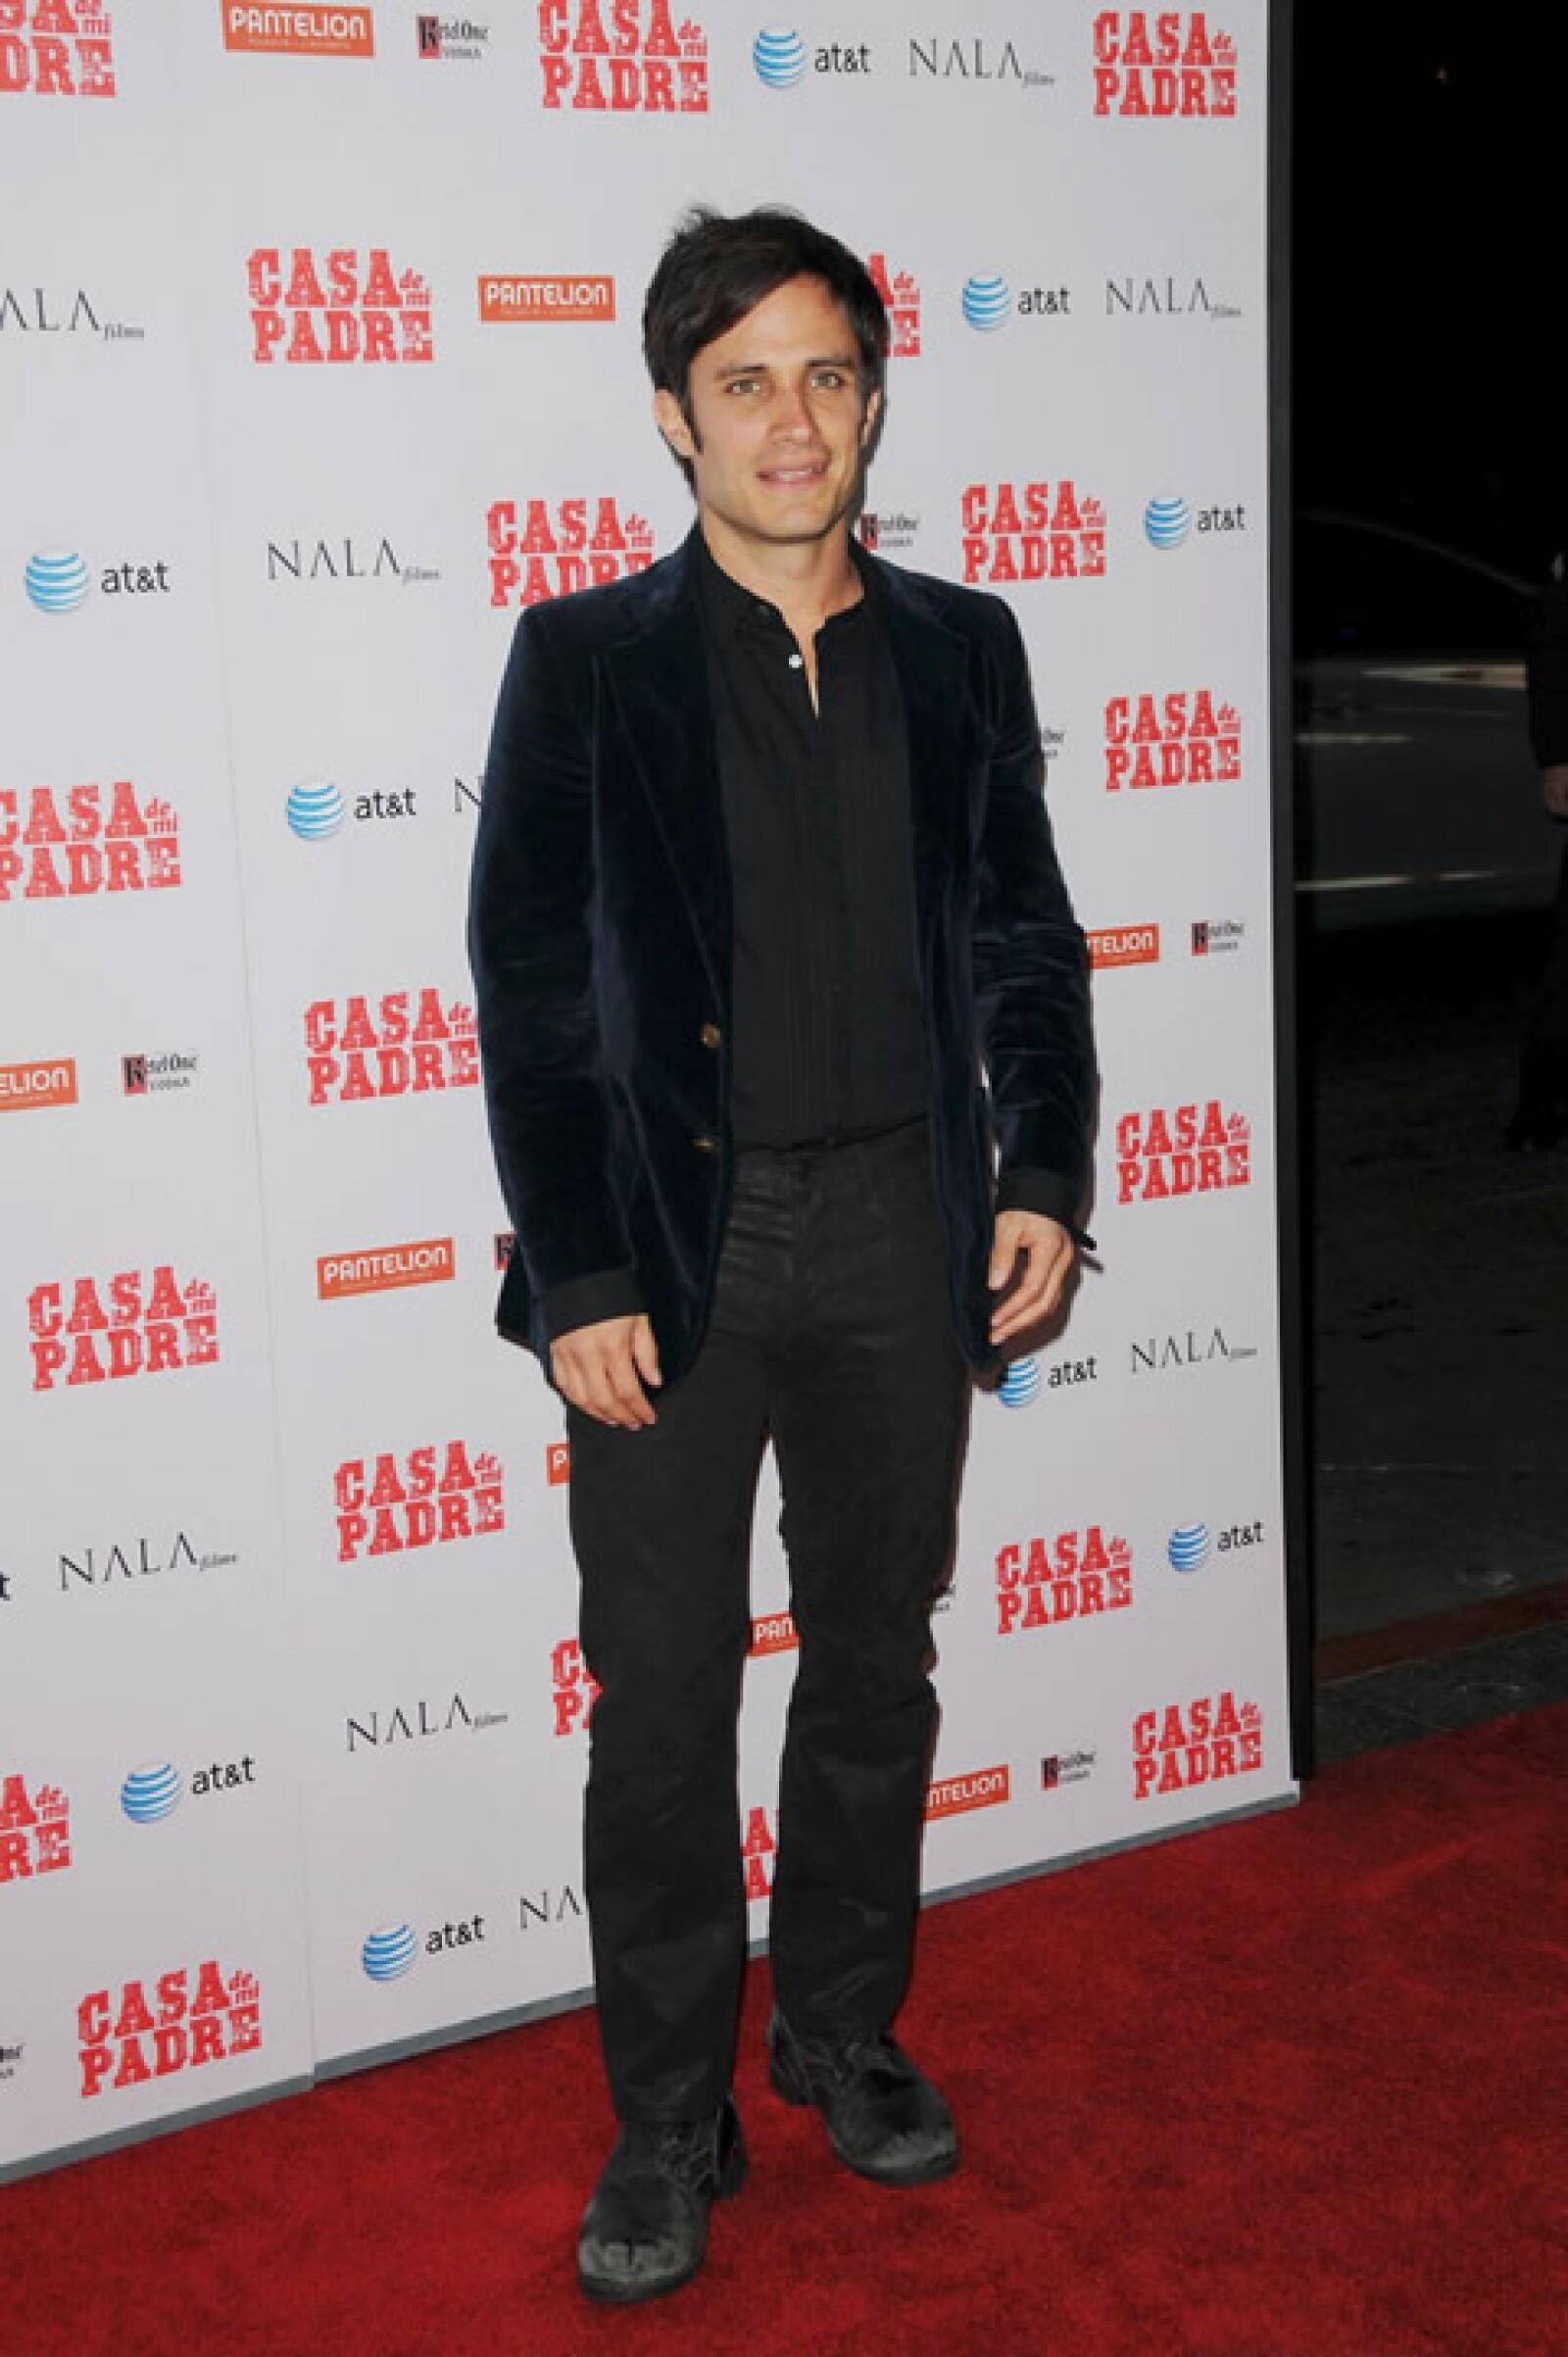 Gael García actualmente destaca por su labor como cineasta y por su esfuerzo por hacer difusión de las producciones nacionales a nivel internacional.